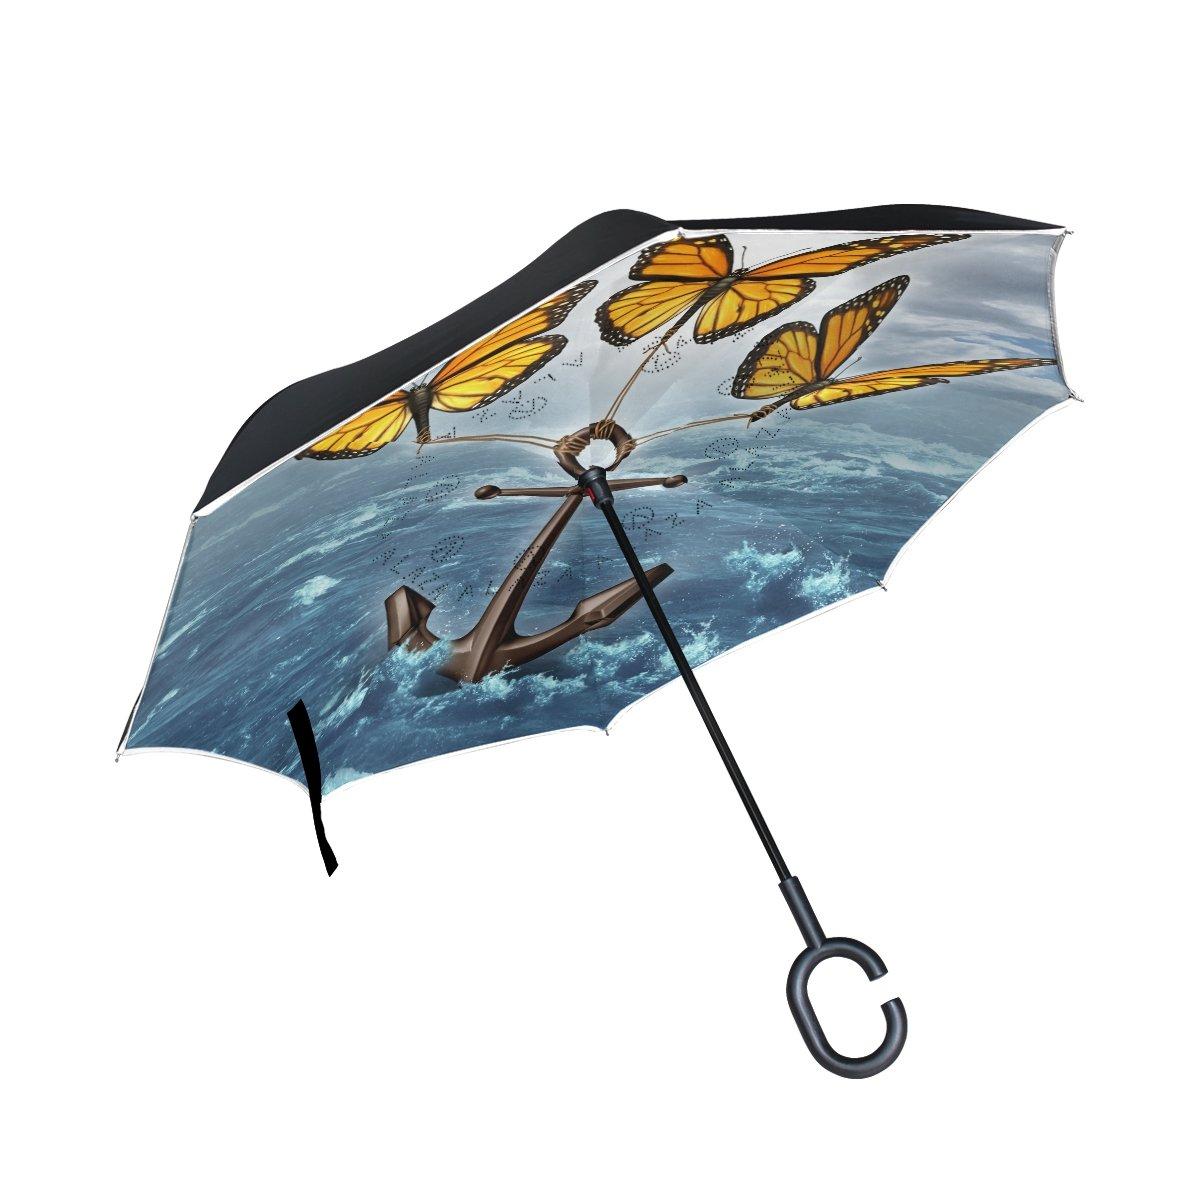 TIZORAX soulever le D inversé double couche droites parapluies sur l'envers réversible Parapluie avec poignée en forme de C pour la pluie Soleil de voiture Utilisation